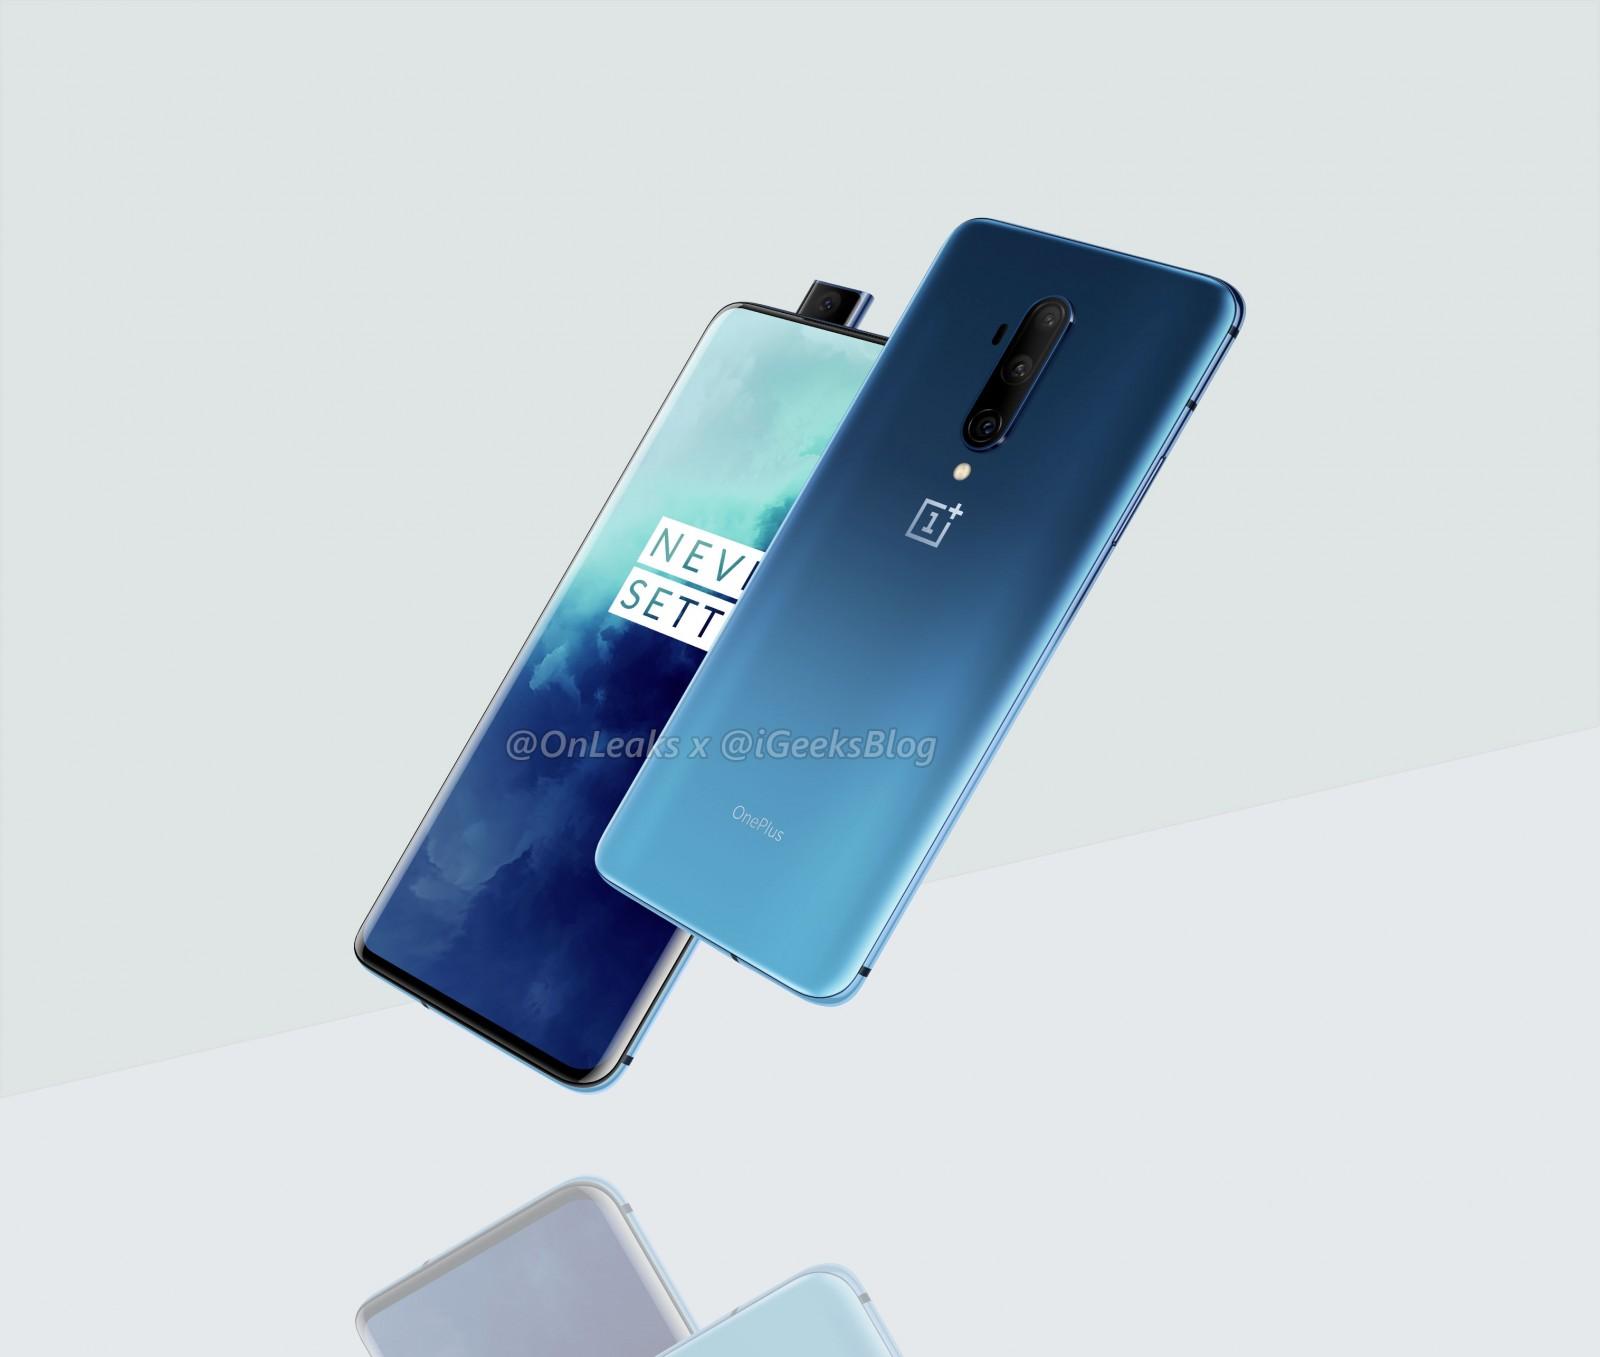 گوشی OnePlus 7T با اندروید 10 و 8 گیگابایت رم در بنچمارک Geekbench ظاهر شد